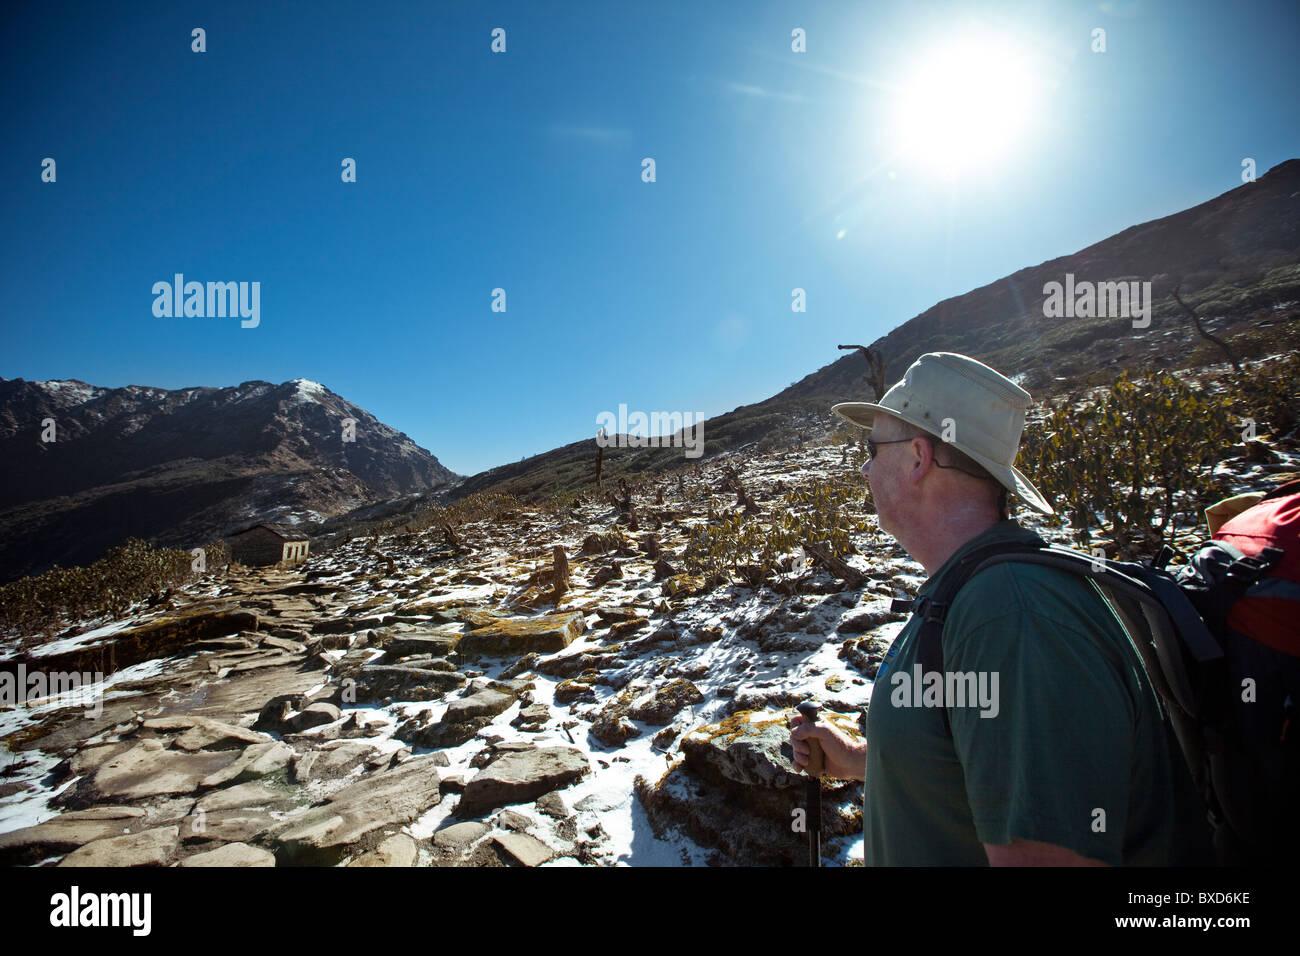 A trekker looks across a high alpine Nepalese pass under the hot sun. Stock Photo